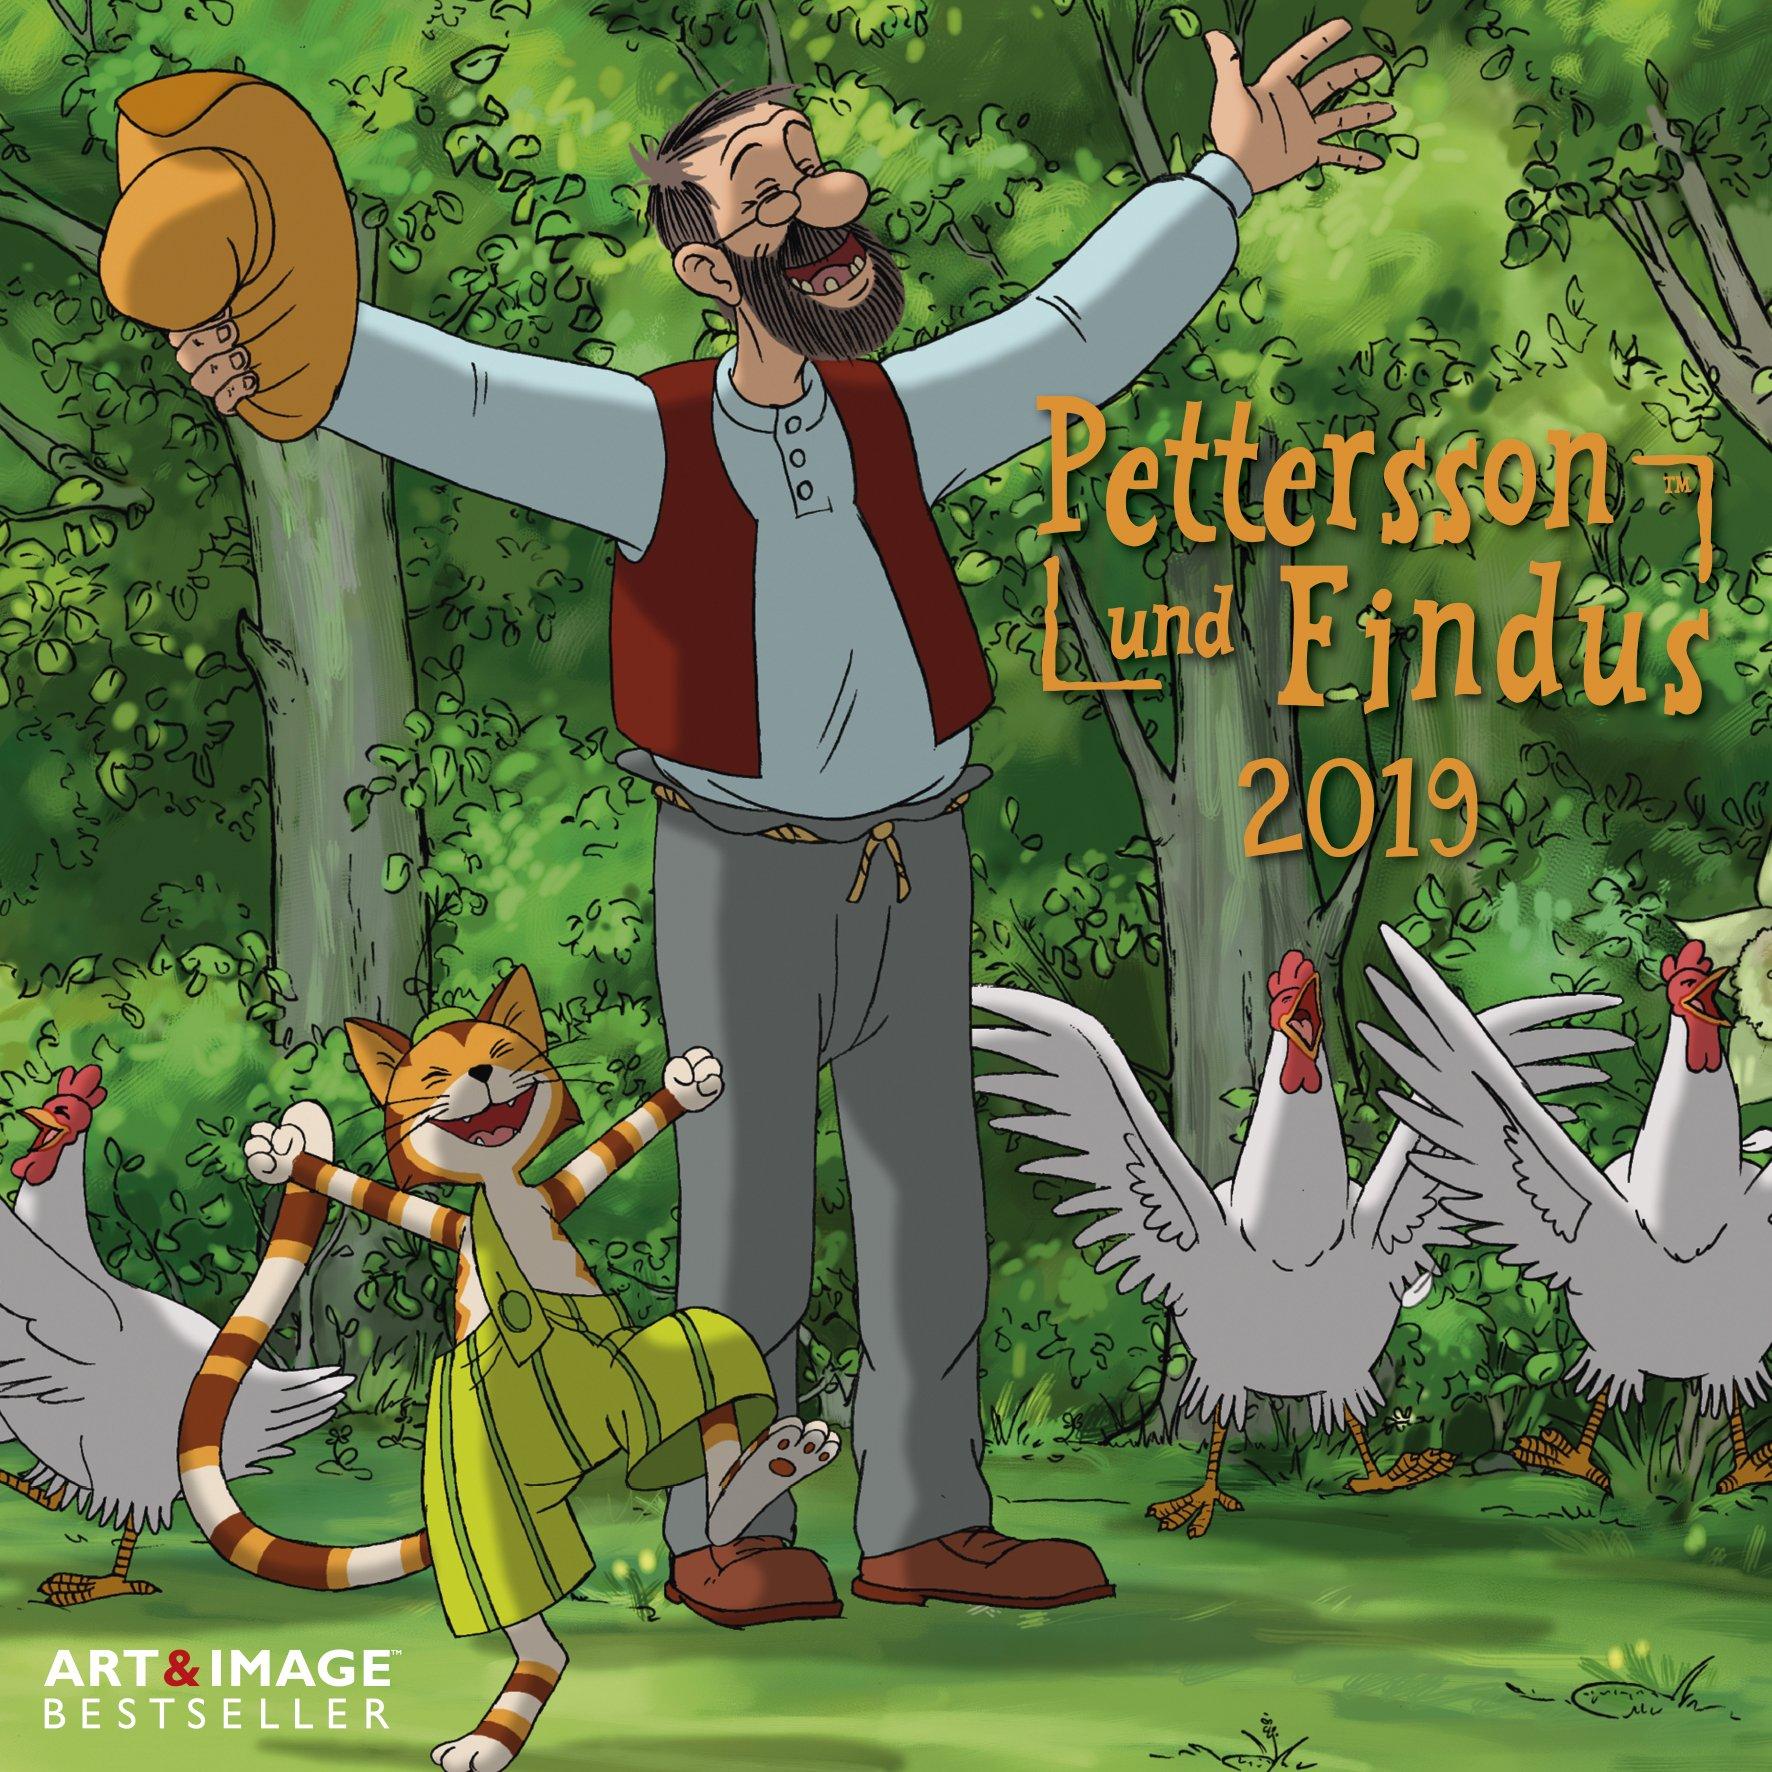 Pettersson & Findus 2019 - Kinderkalender, Kalender für Kinder - 30 x 30 cm Kalender – Posterkalender, 1. Mai 2018 B077Z81QXY empfohlenes Alter: ab 3 Jahre Antiquitäten / Spielzeug Puppen